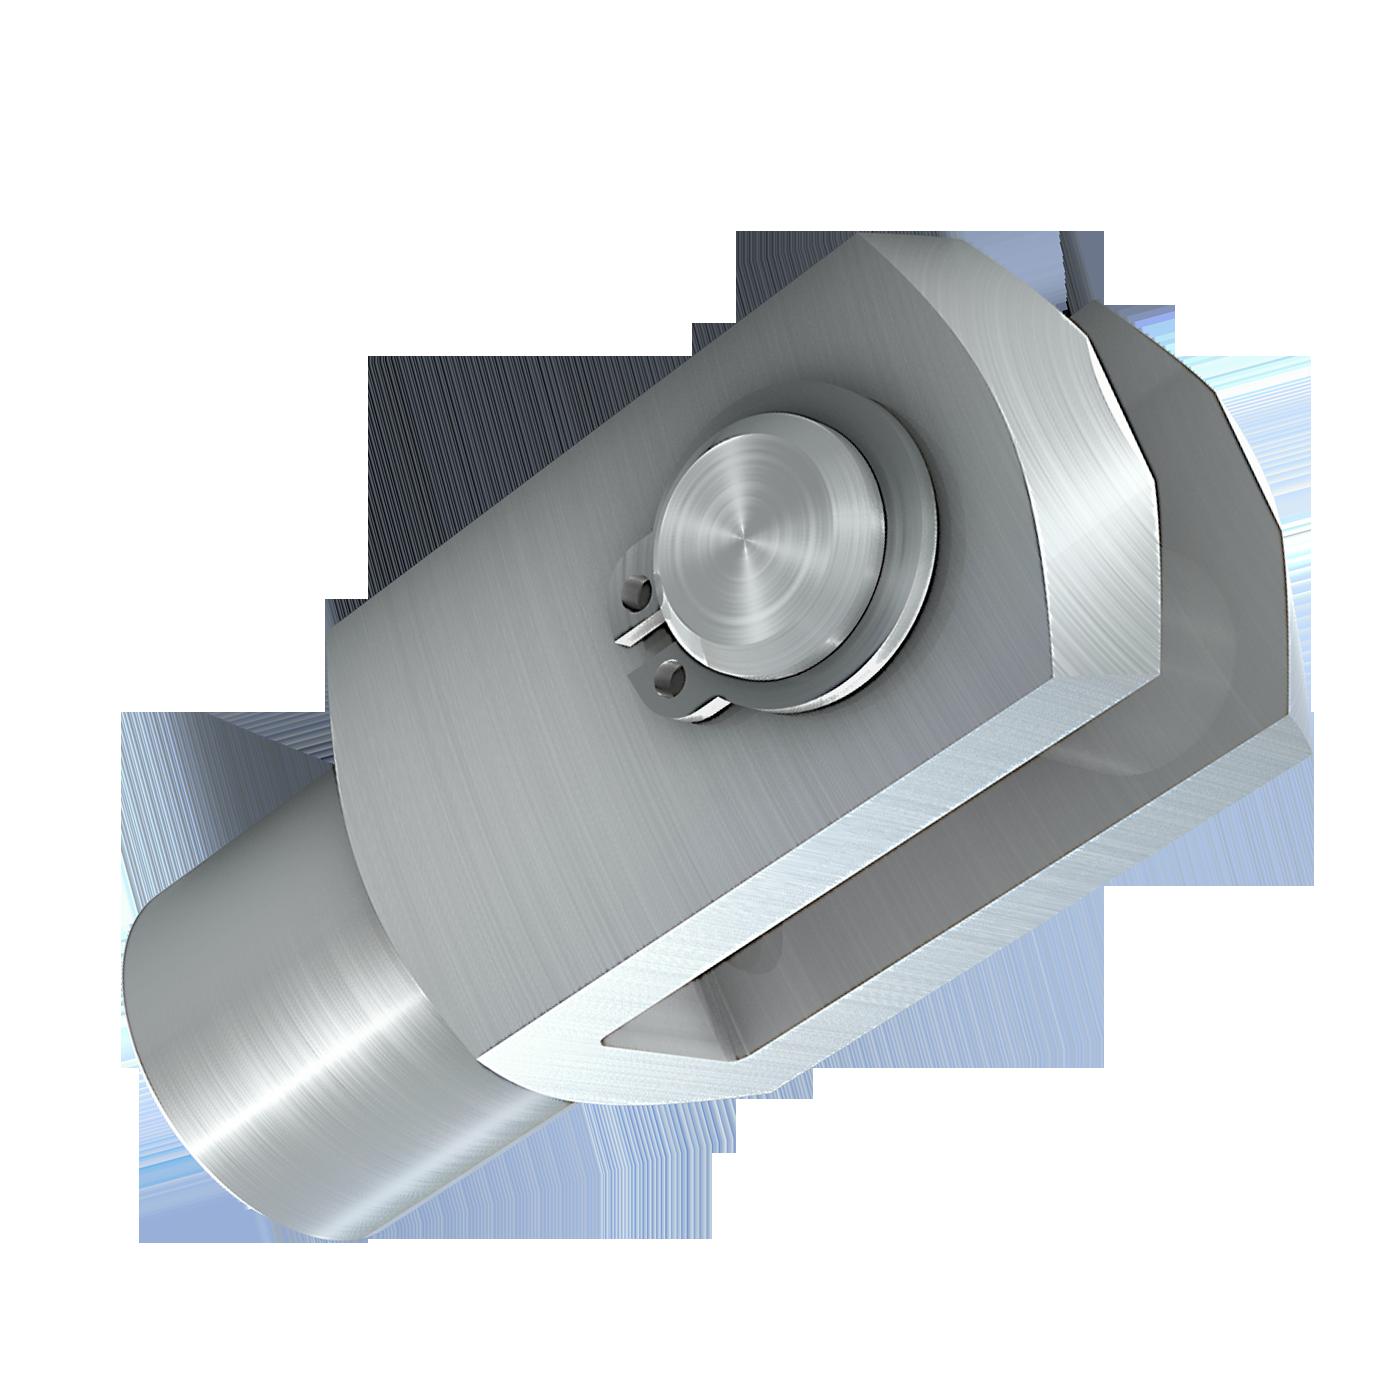 mbo Oßwald ist Hersteller von Gabelgelenk, Gabelgelenken mbo-Norm ABS 471, montiert, bestehend aus Gabelkopf, Gabelköpfe, Gabelkoepfe, nach DIN 71752, DIN ISO 8140, CETOP RP102P und Bolzen mit Einstich und entsprechendem Sicherungsring nach DIN 471. Wir fertigen diese aus Stahl 1.0718 und Edelstahl 1.4305.